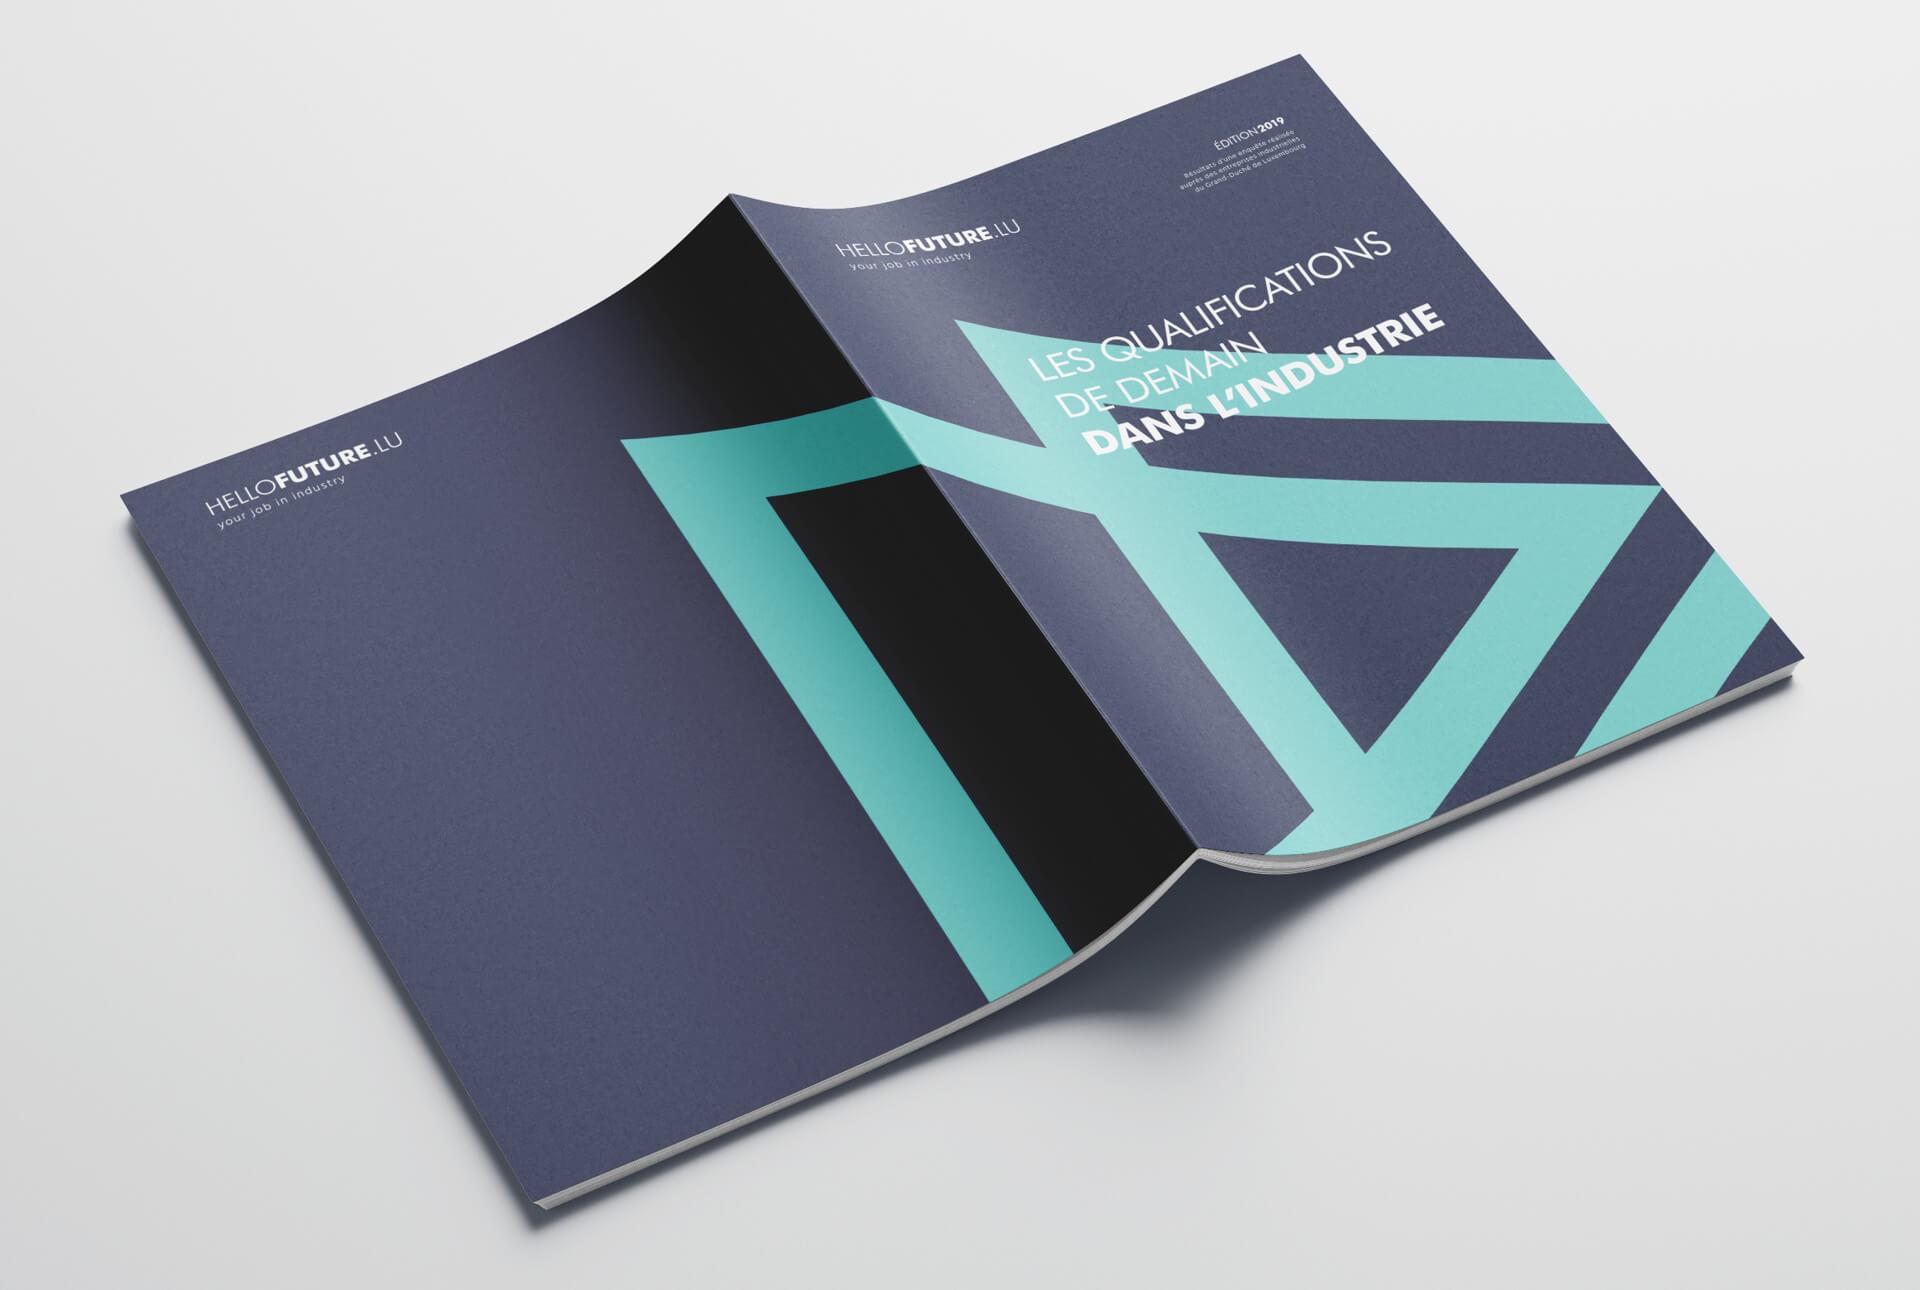 Brochure informative Hellofuture expliquant les qualifications de demain dans l'industrie